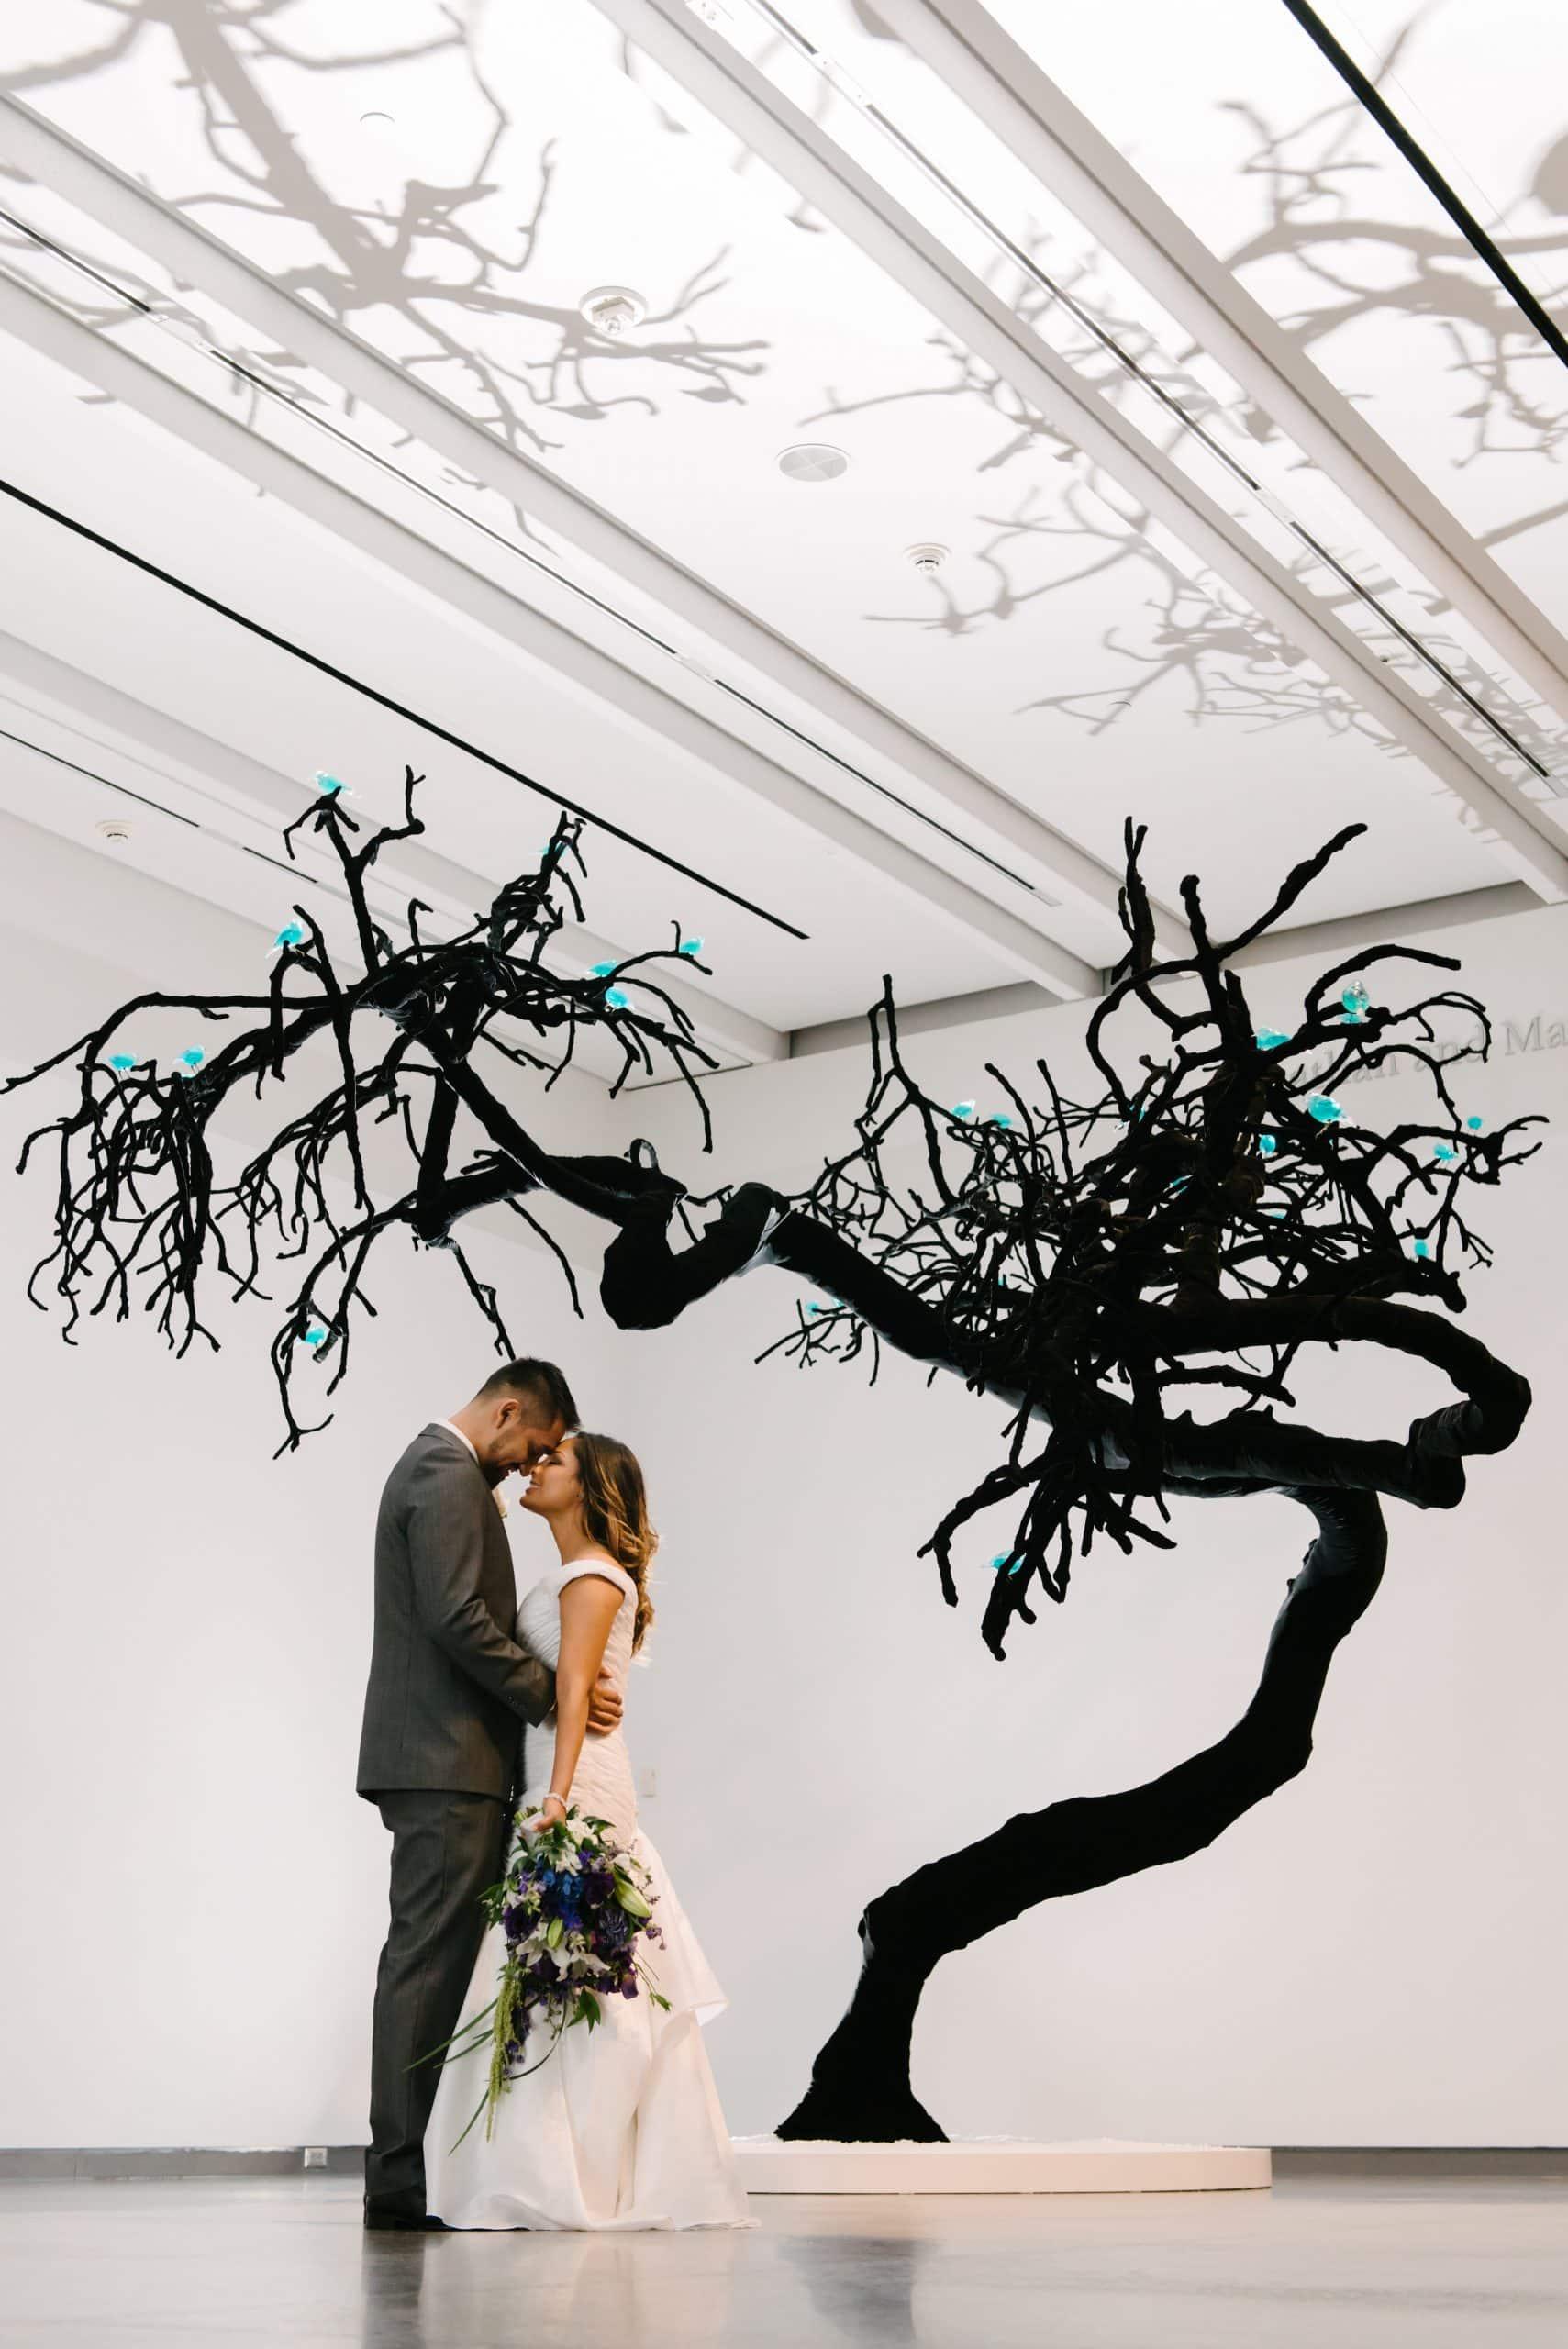 Phoenix Art Musuem wedding couple standing in front of black tree indoors part of art exhibit